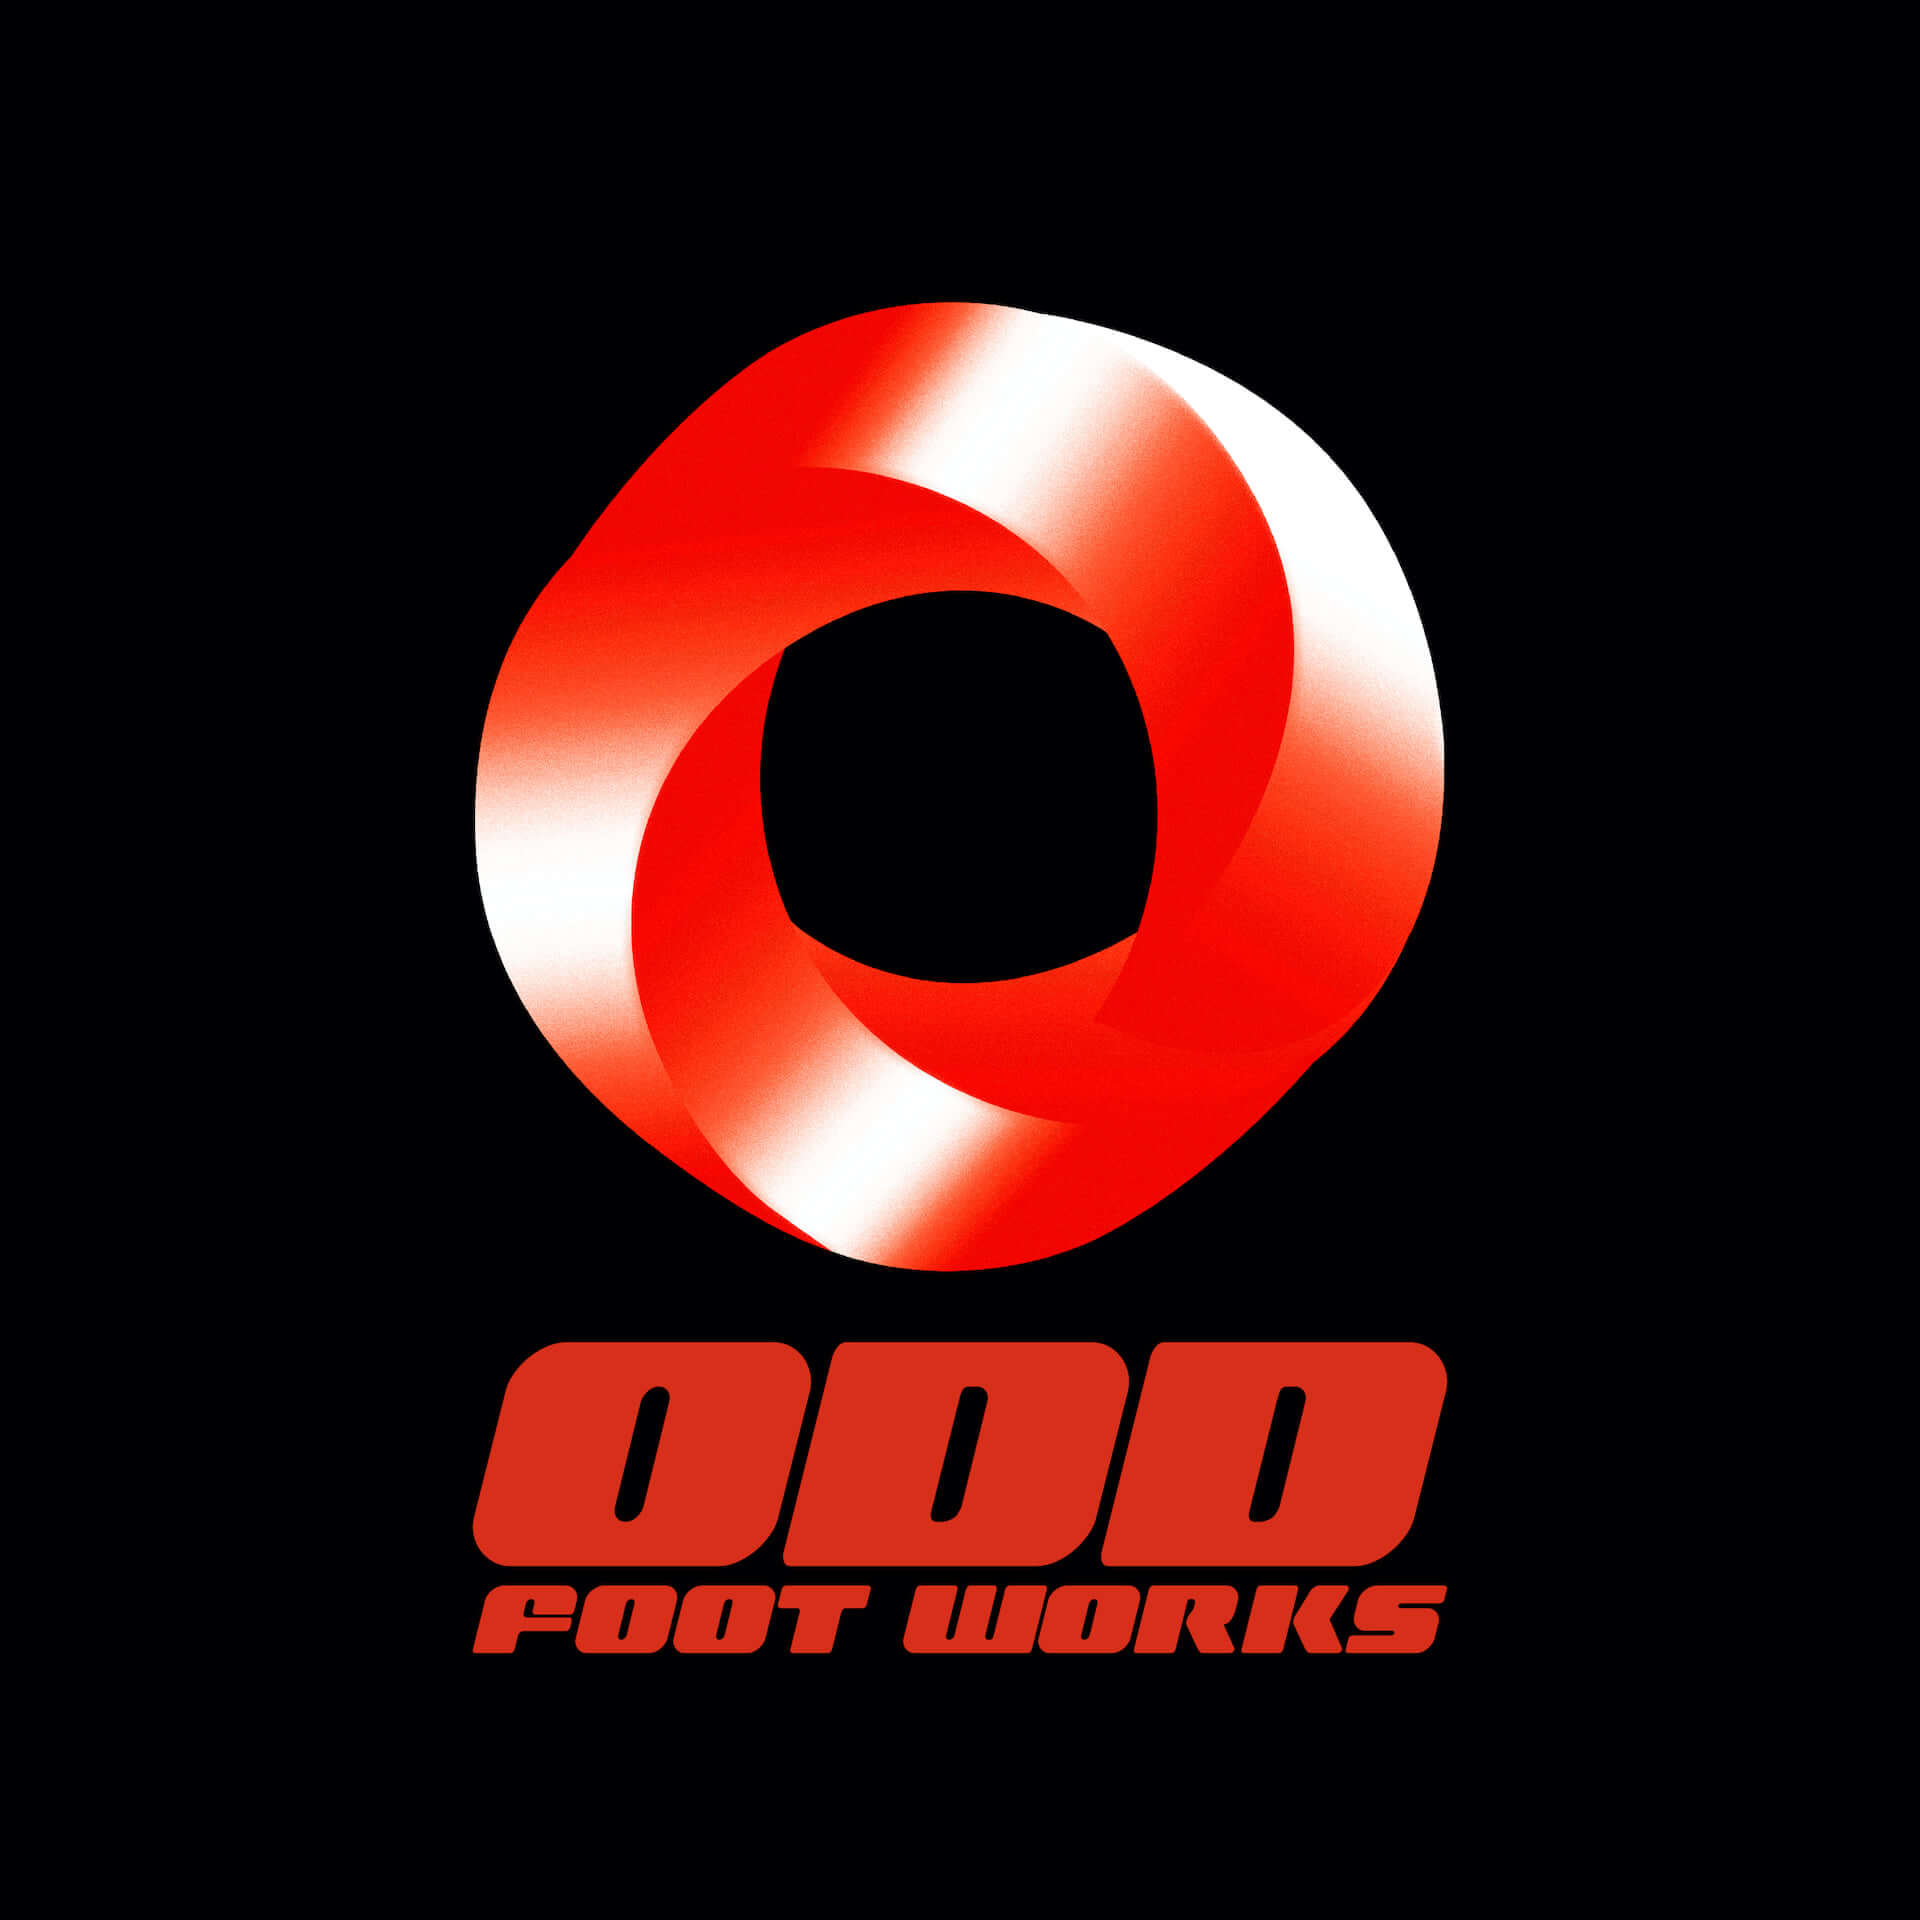 配信音楽フェス<TrackTown>の記念すべき第1回目にODD Foot Works、STUTS、TOMMY、YonYon、空音が出演決定! music200519_tracktown_01-1920x1920